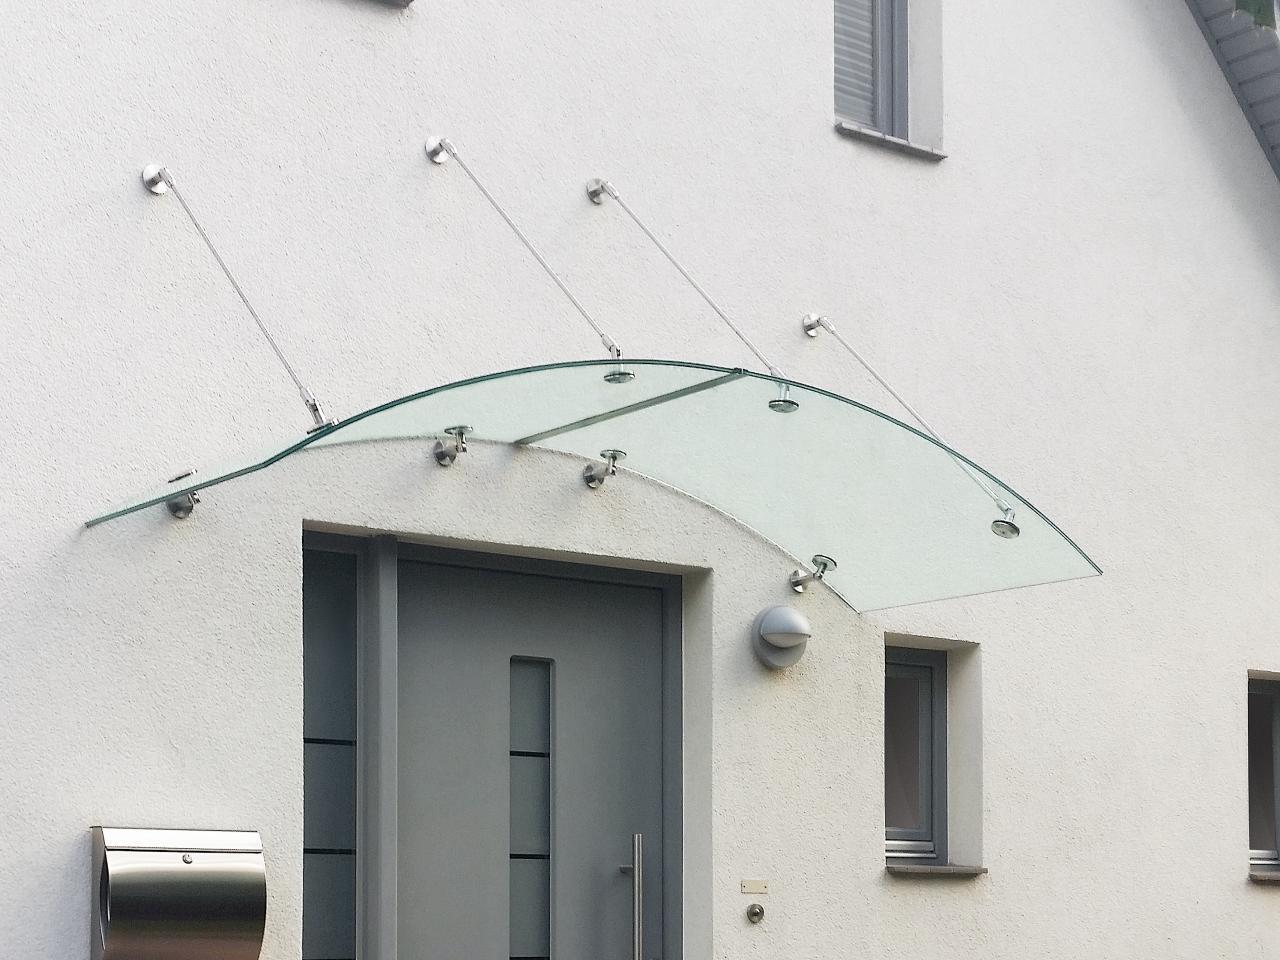 Beste Vordach Alurahmen Galerie - Rahmen Ideen - markjohnsonshow.info